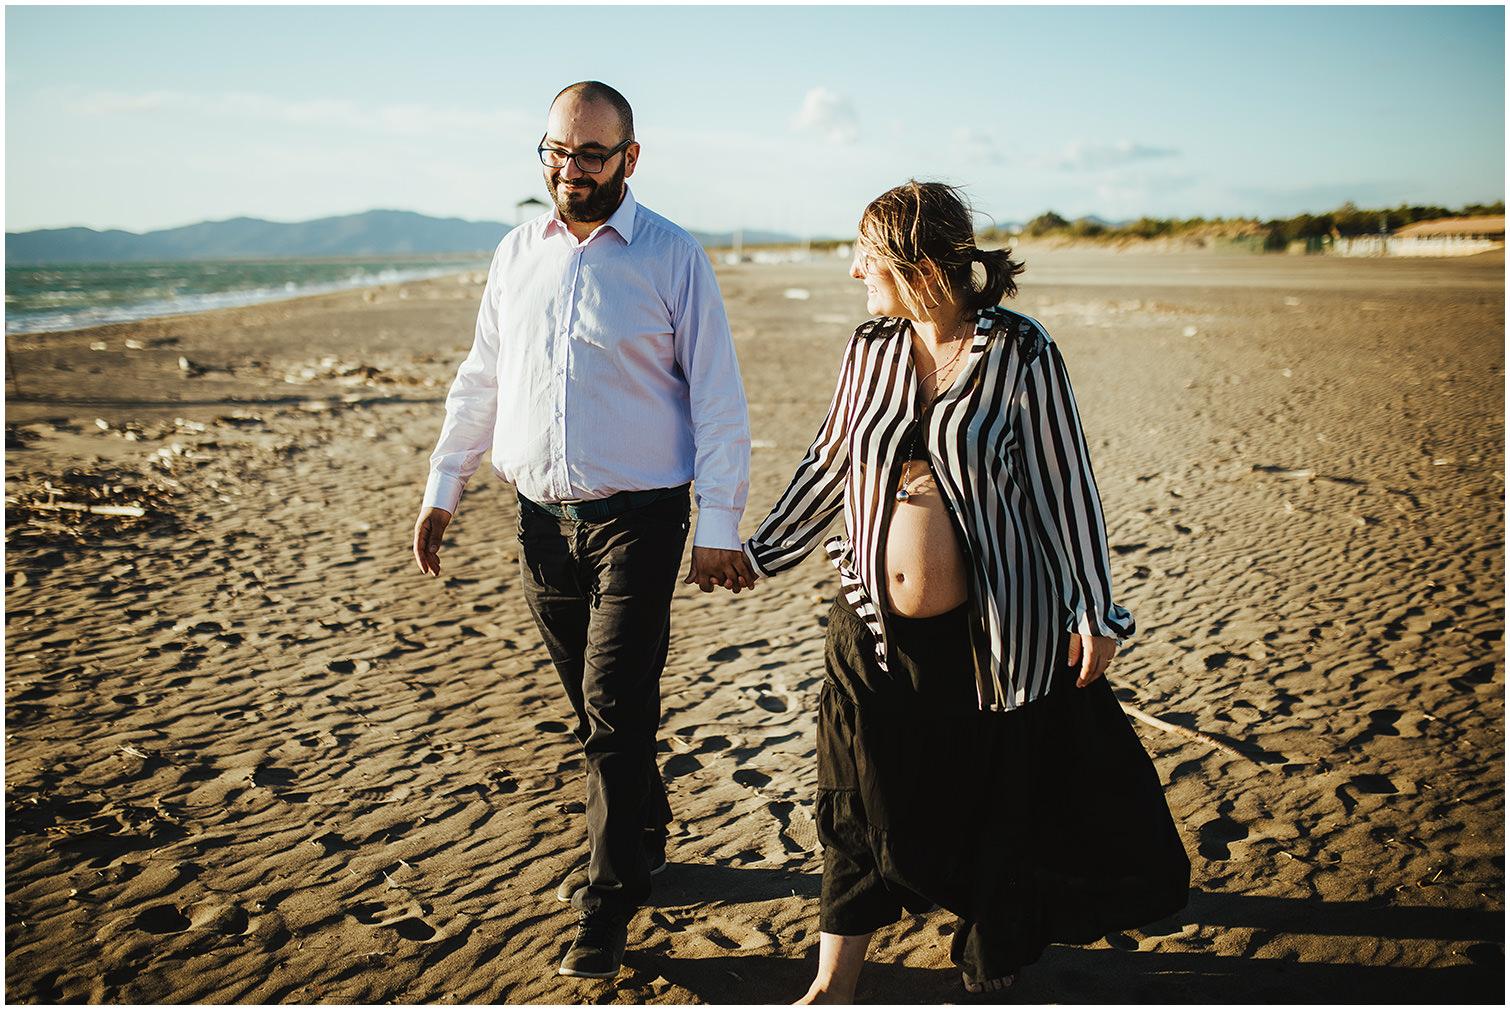 rosi-miche-maternity-session-sara-lorenzoni-fotografia-arezzo-grosseto-fotografo-matrimonio-12